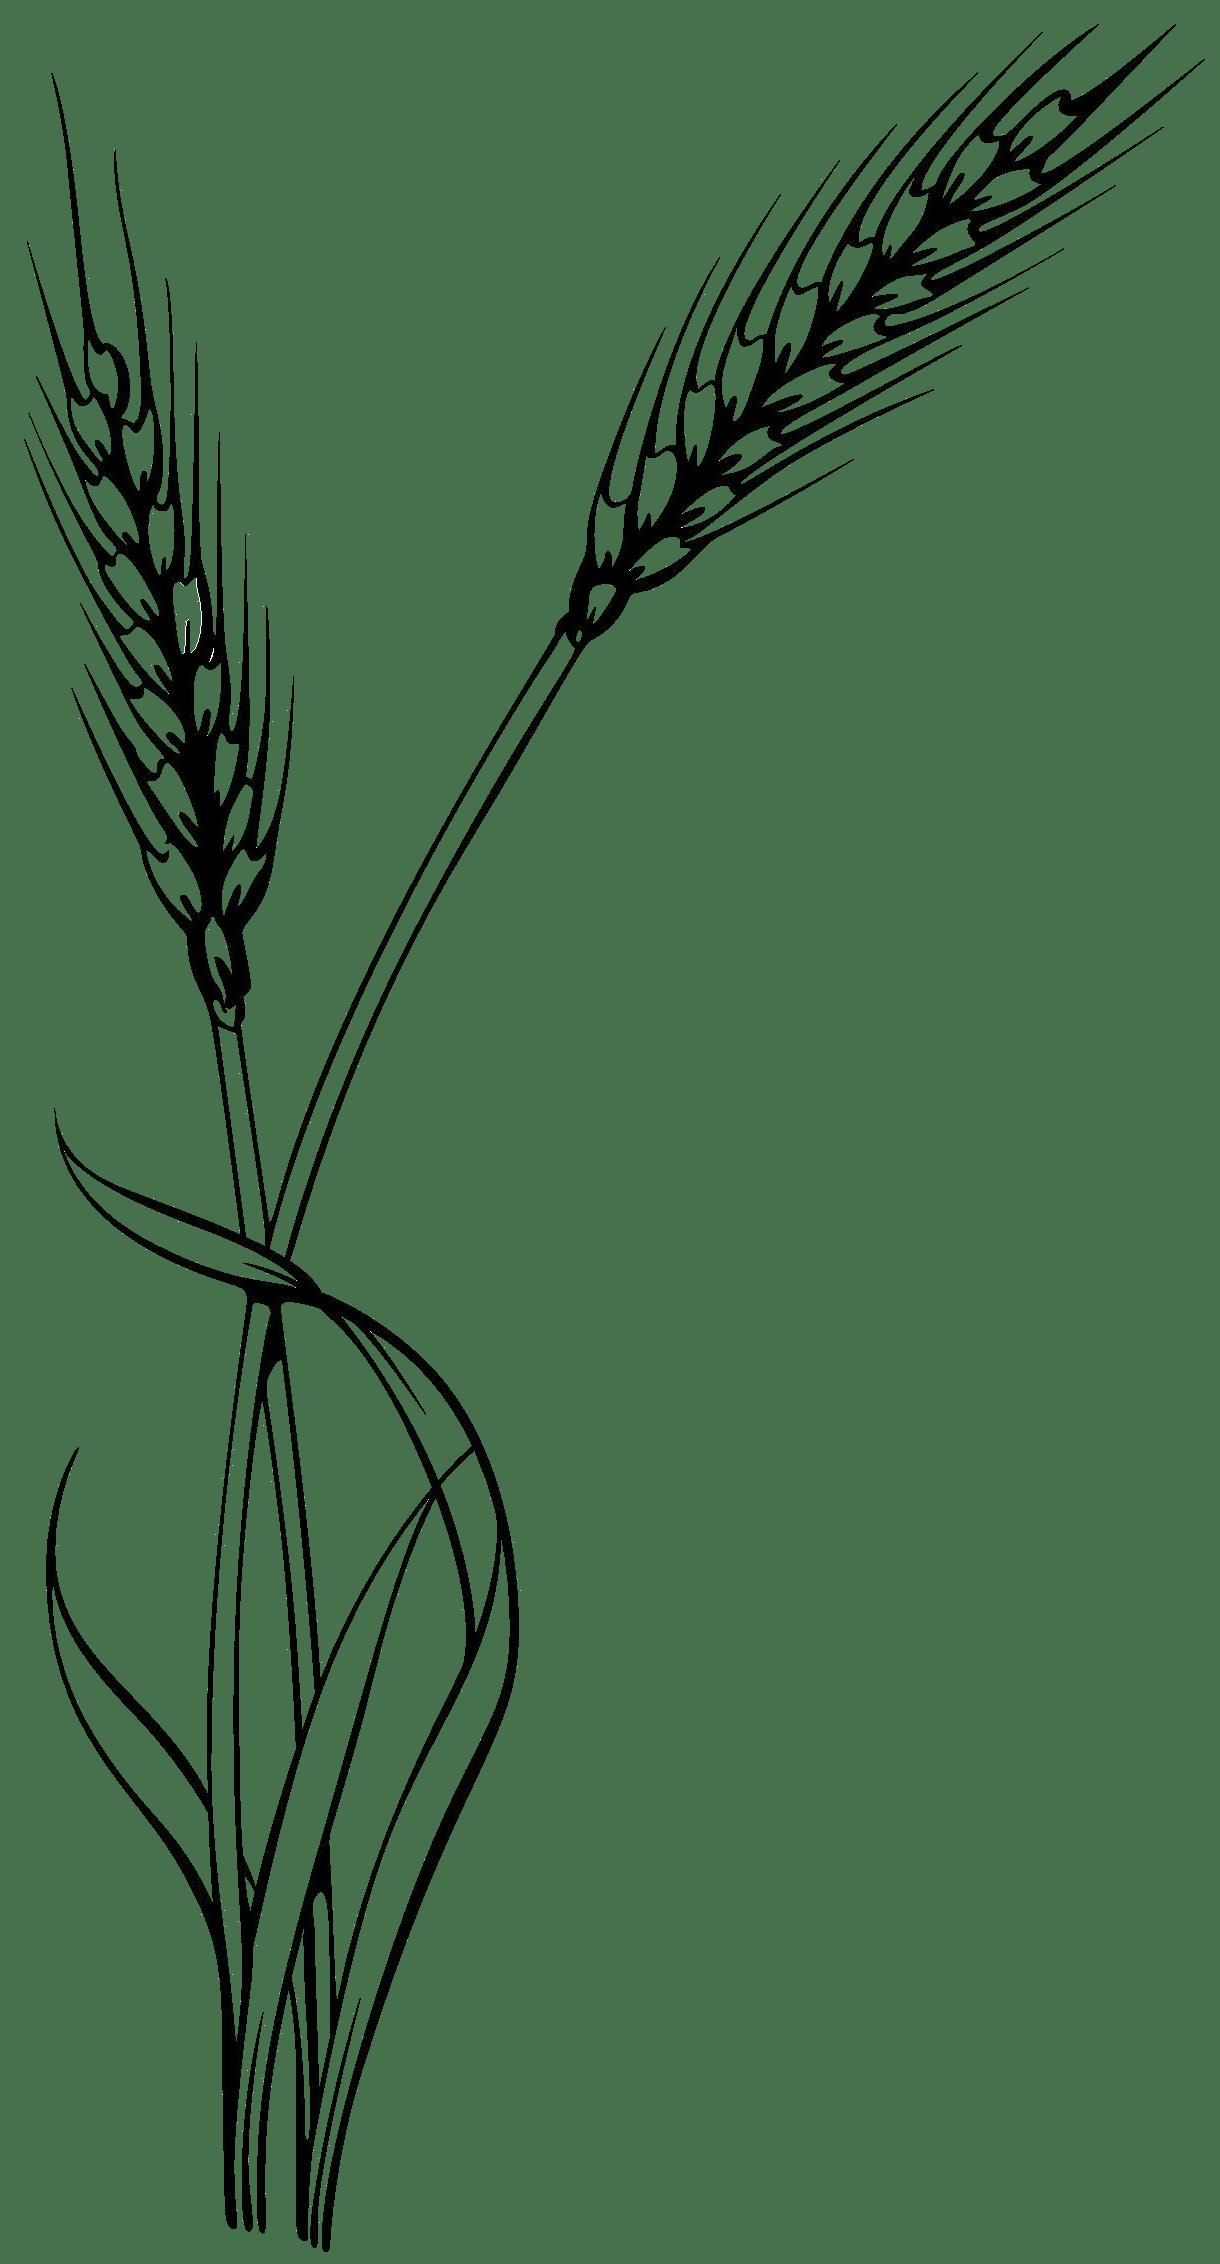 Millet Clipart